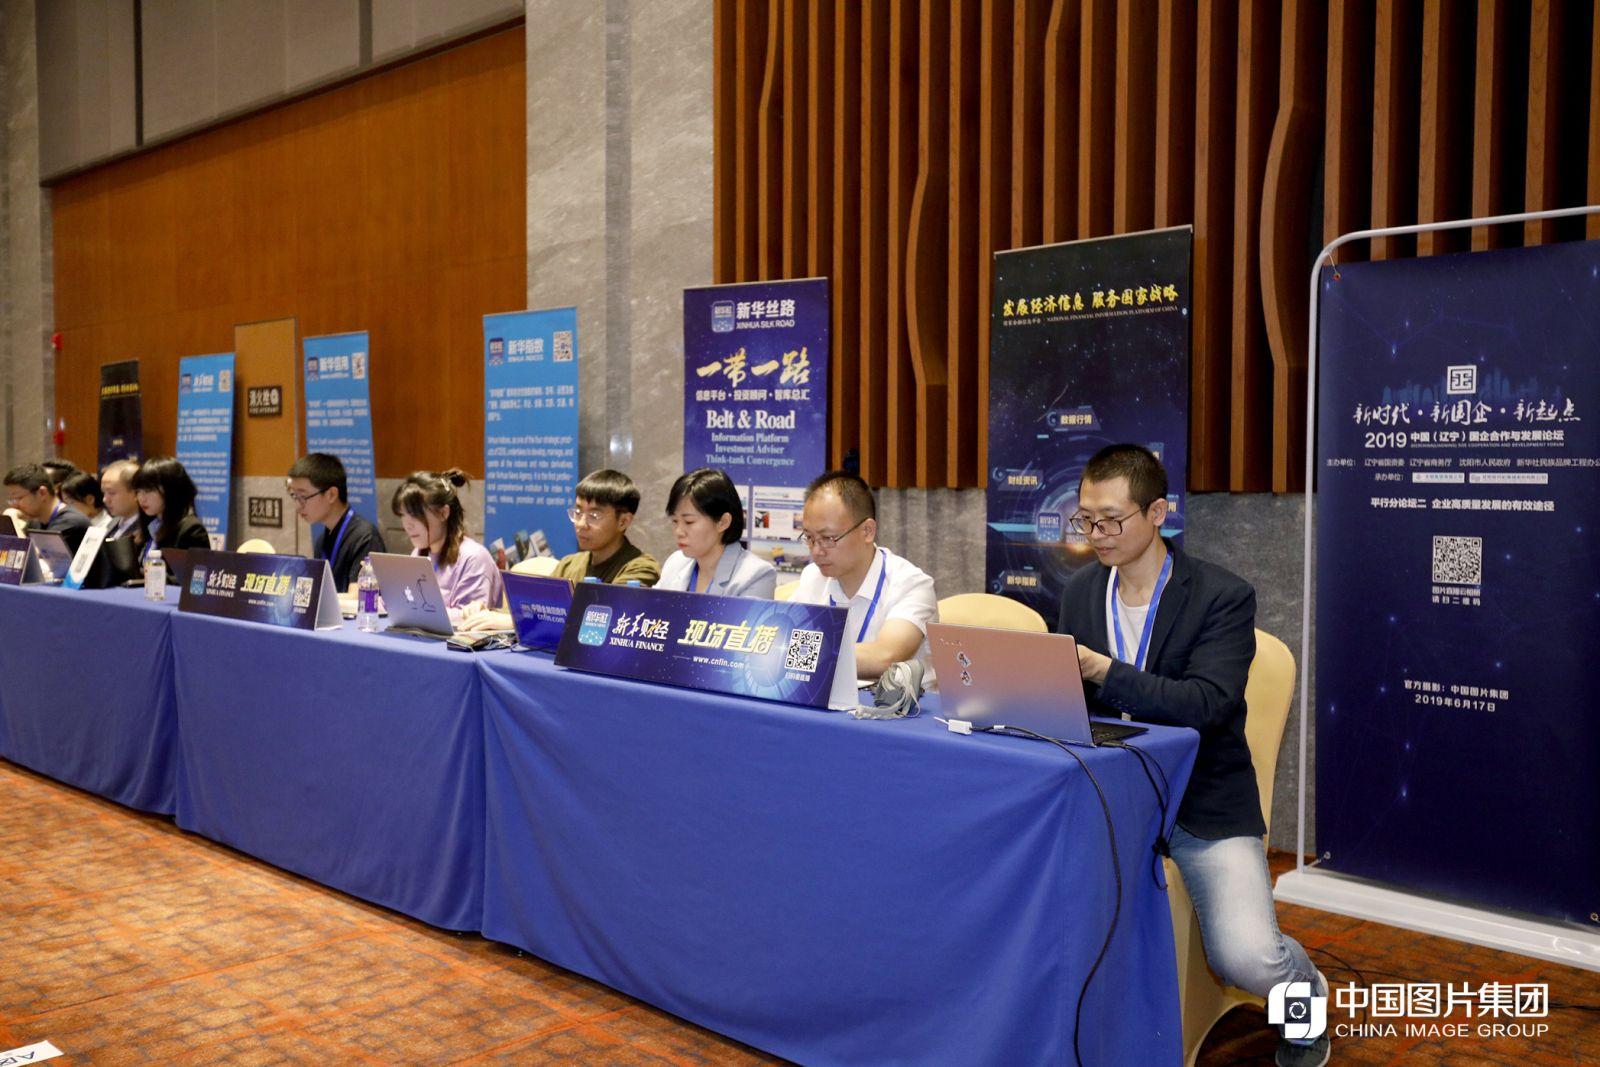 新时代 新国企 新起点——2019中国(辽宁)国企合作与发展论坛主旨大会活动现场,中经社直播团队。